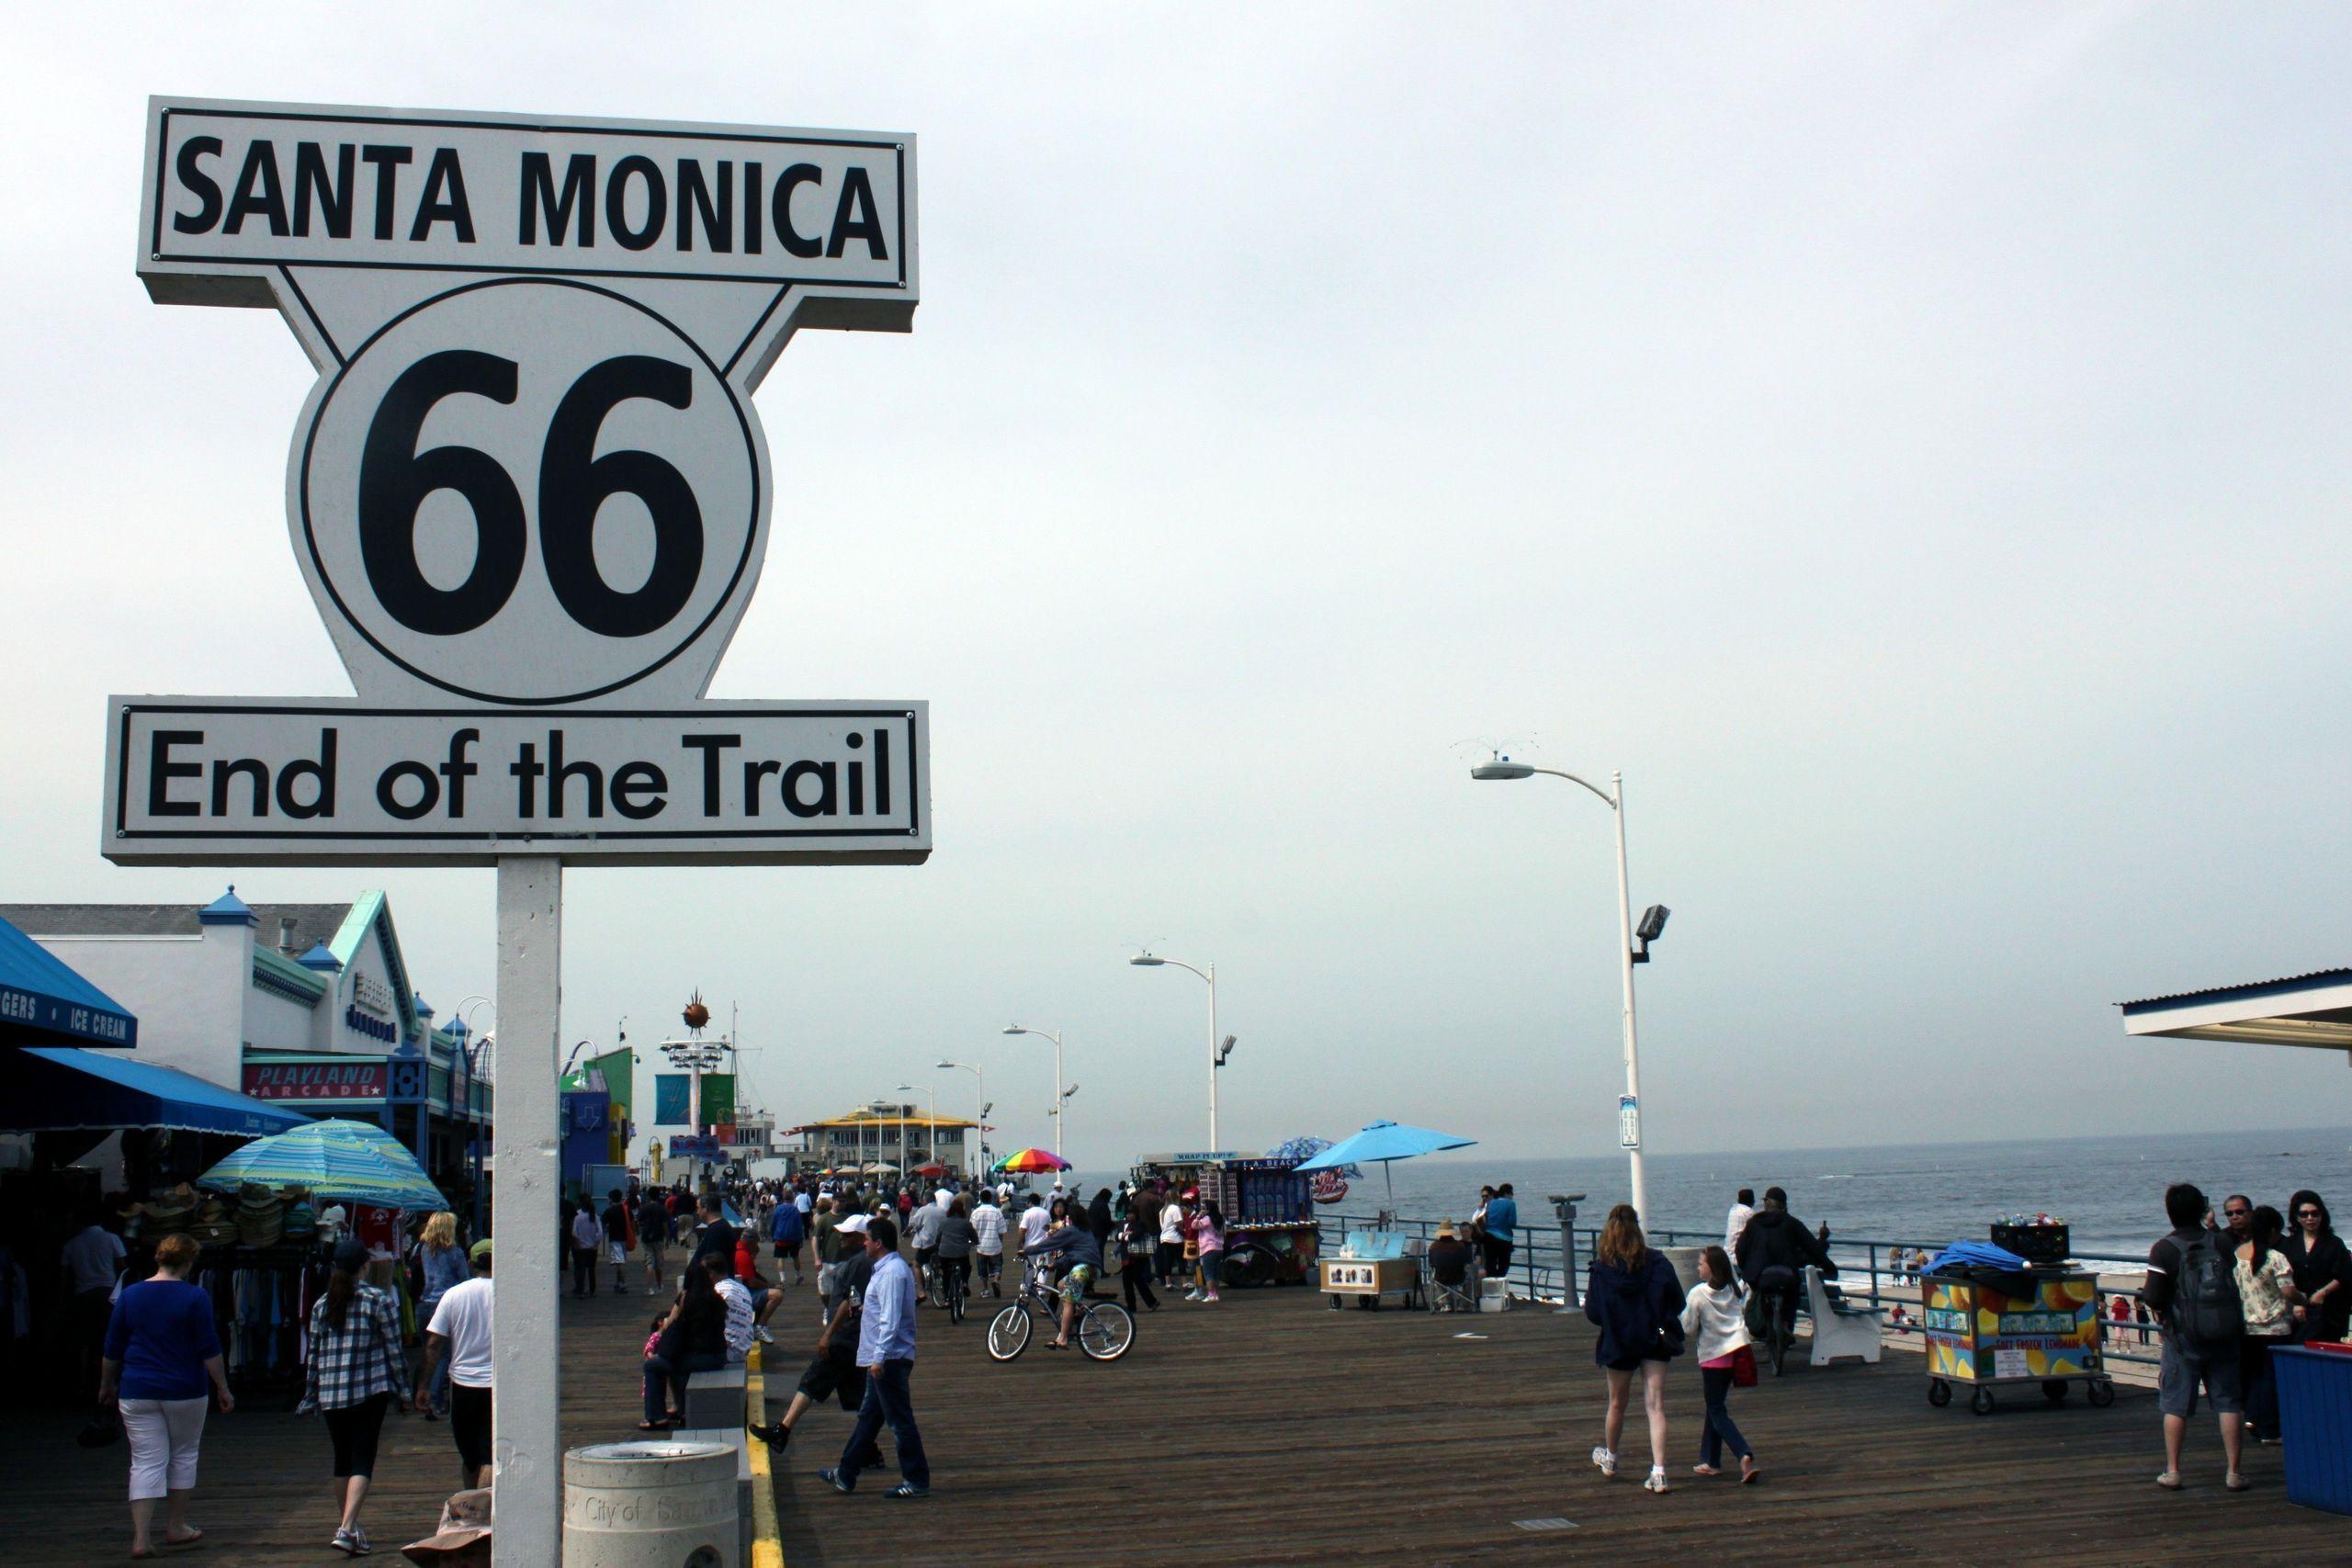 Santa Monica - GabrielCrouchRE.com